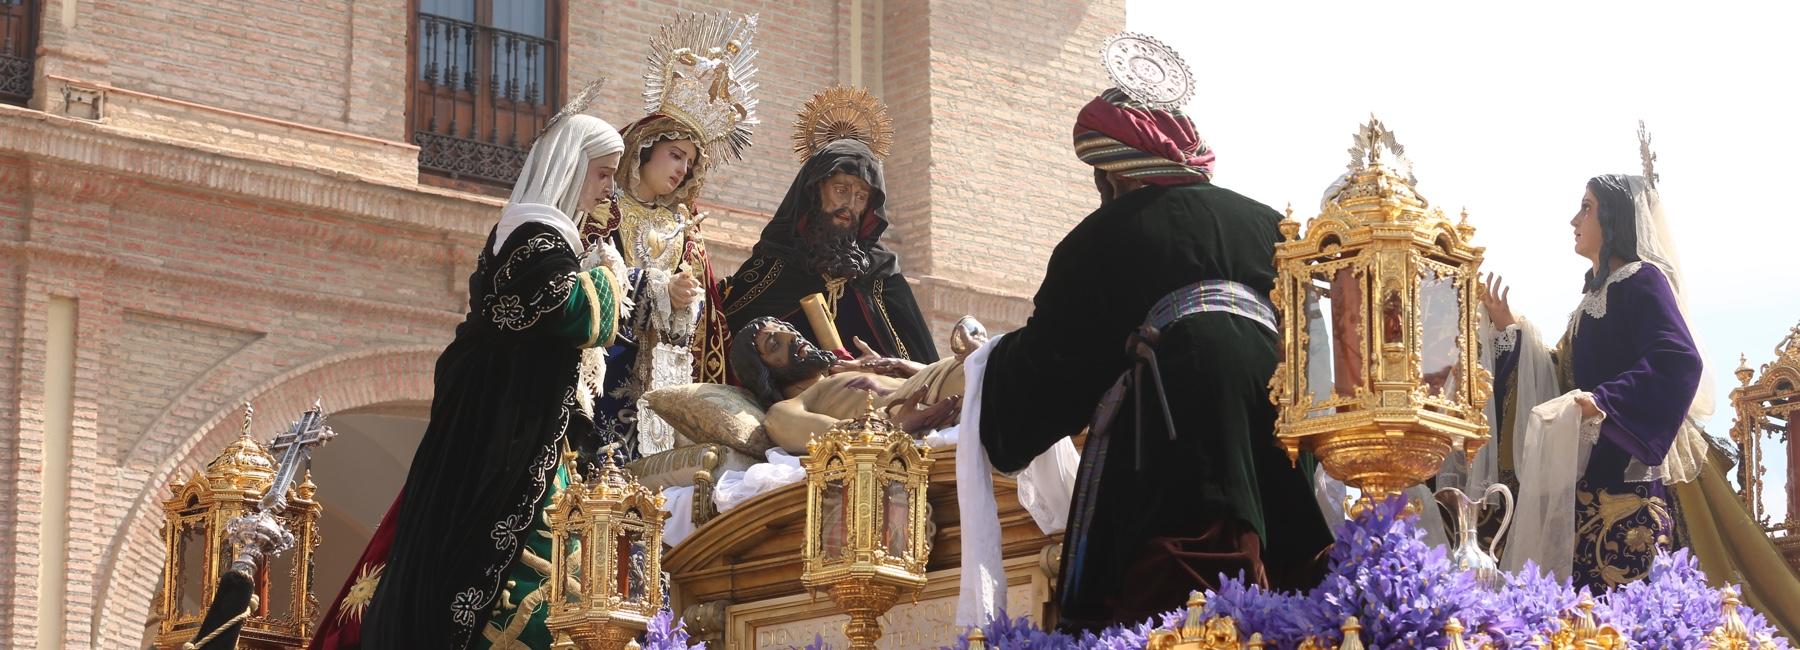 597677a73f2 Hermandad del Monte Calvario - Hermandad